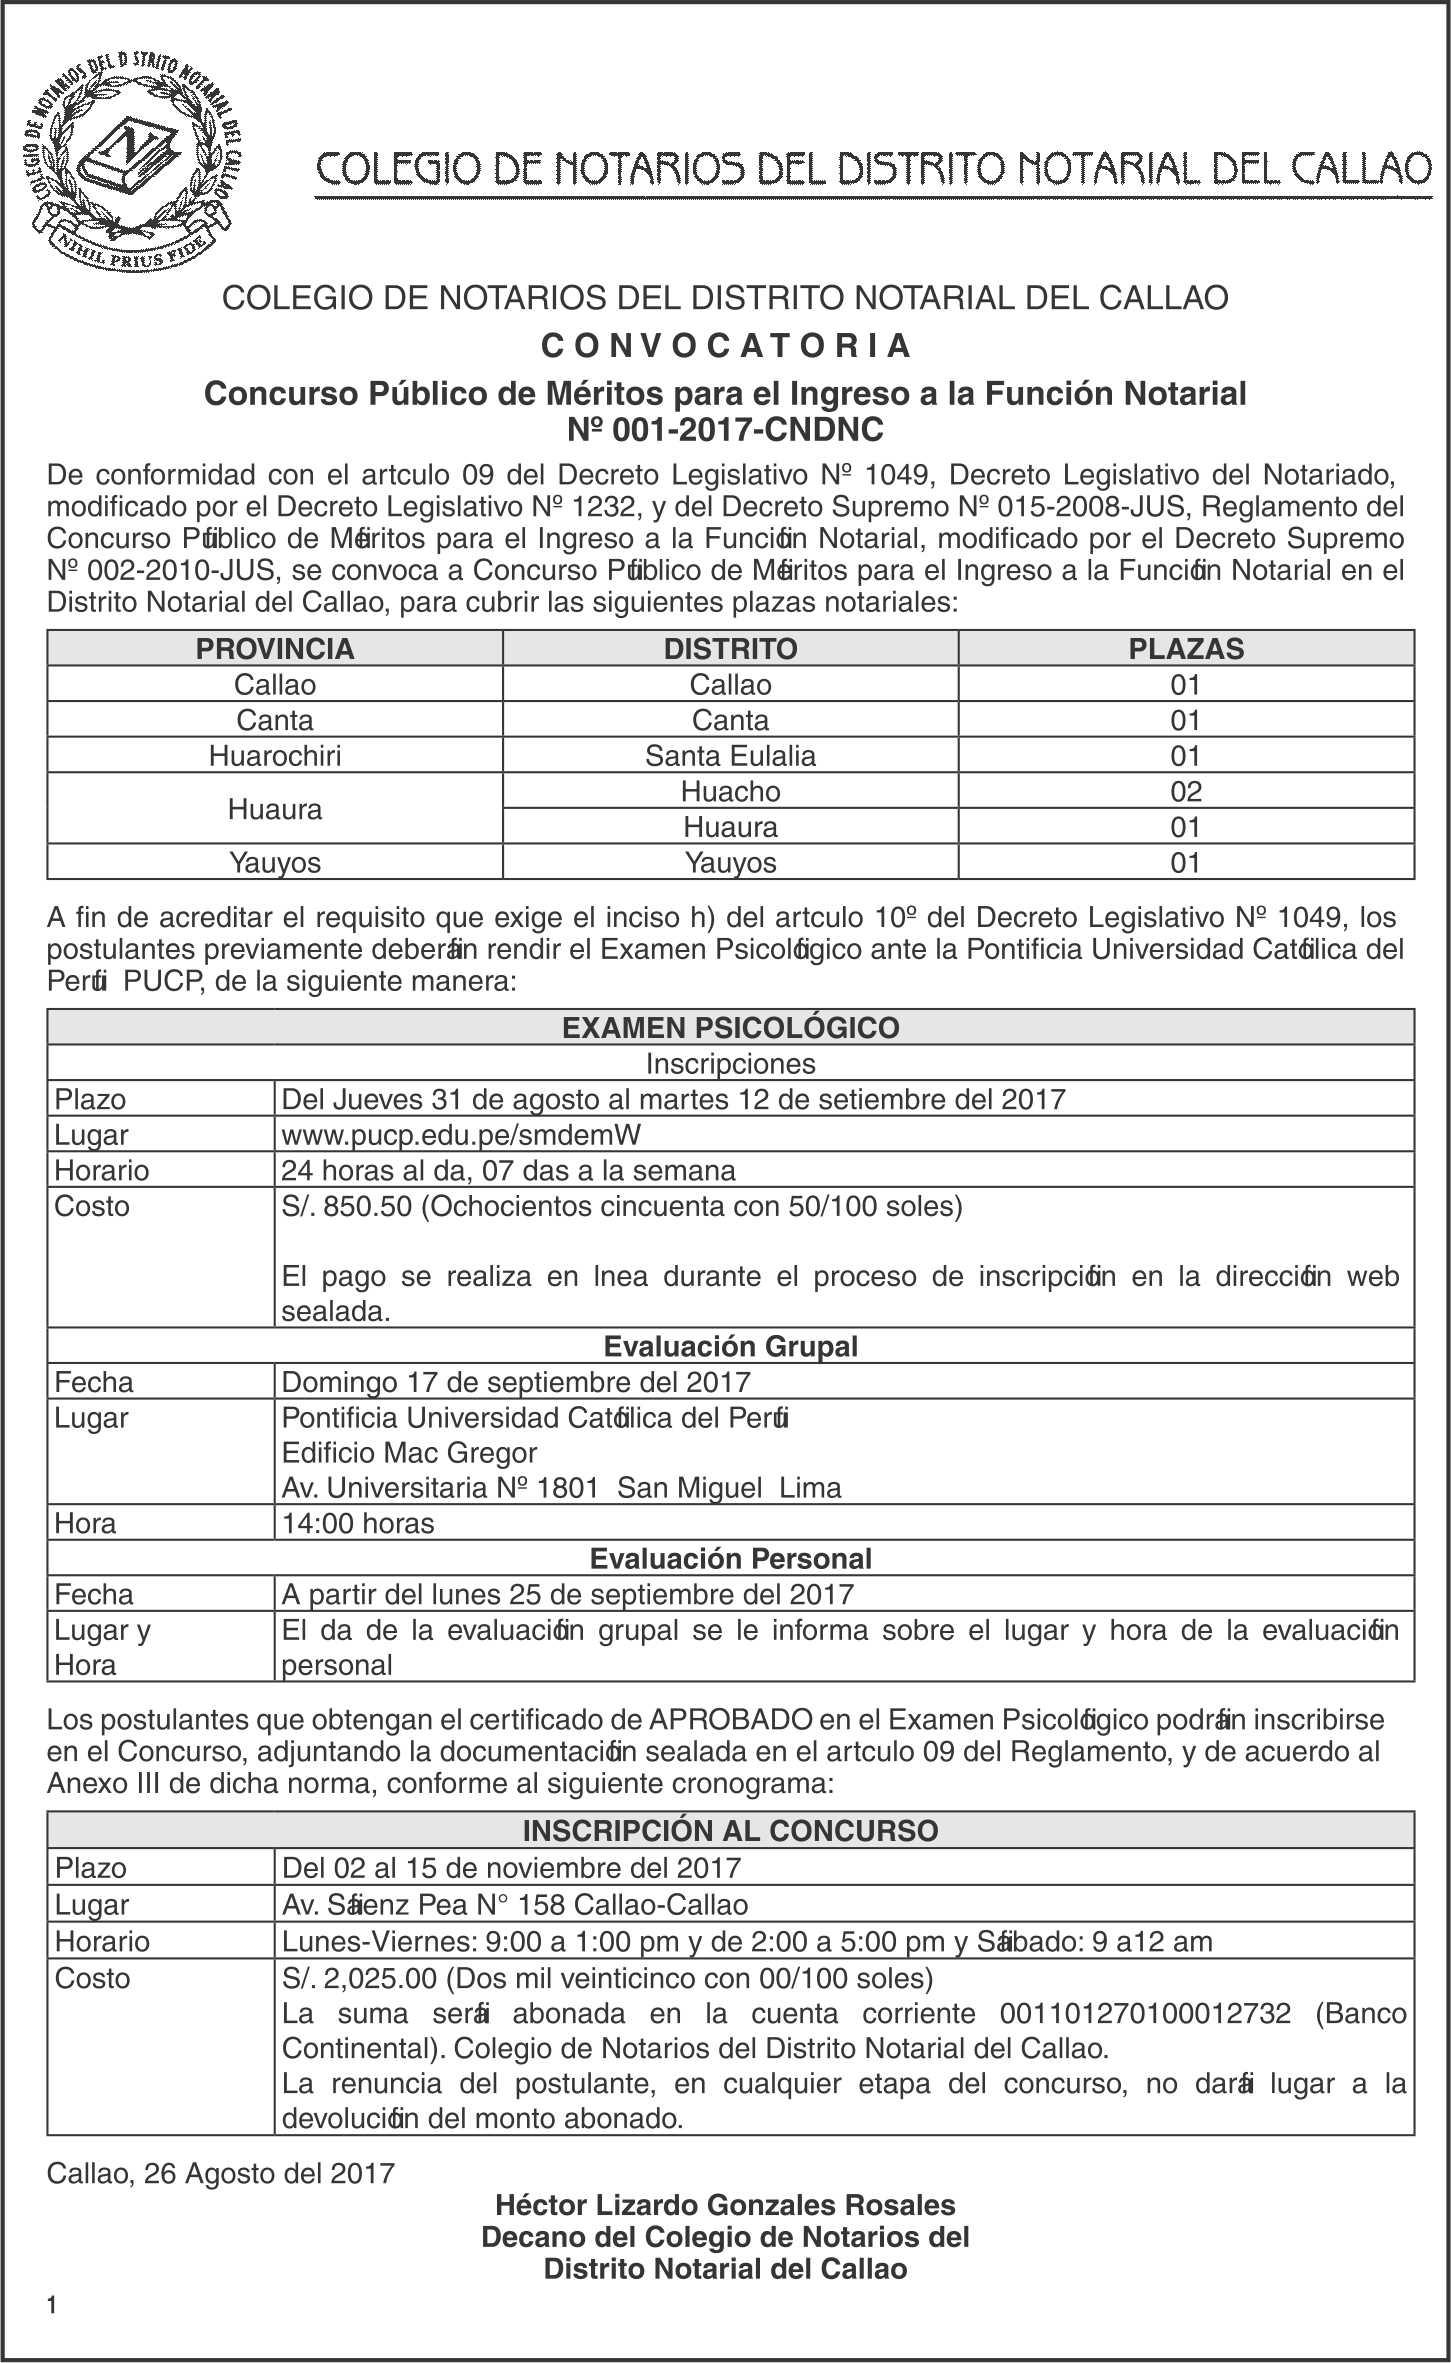 Colegio de Notarios del Callao Convoca a Concurso Público para el Ingreso a la Función Notarial